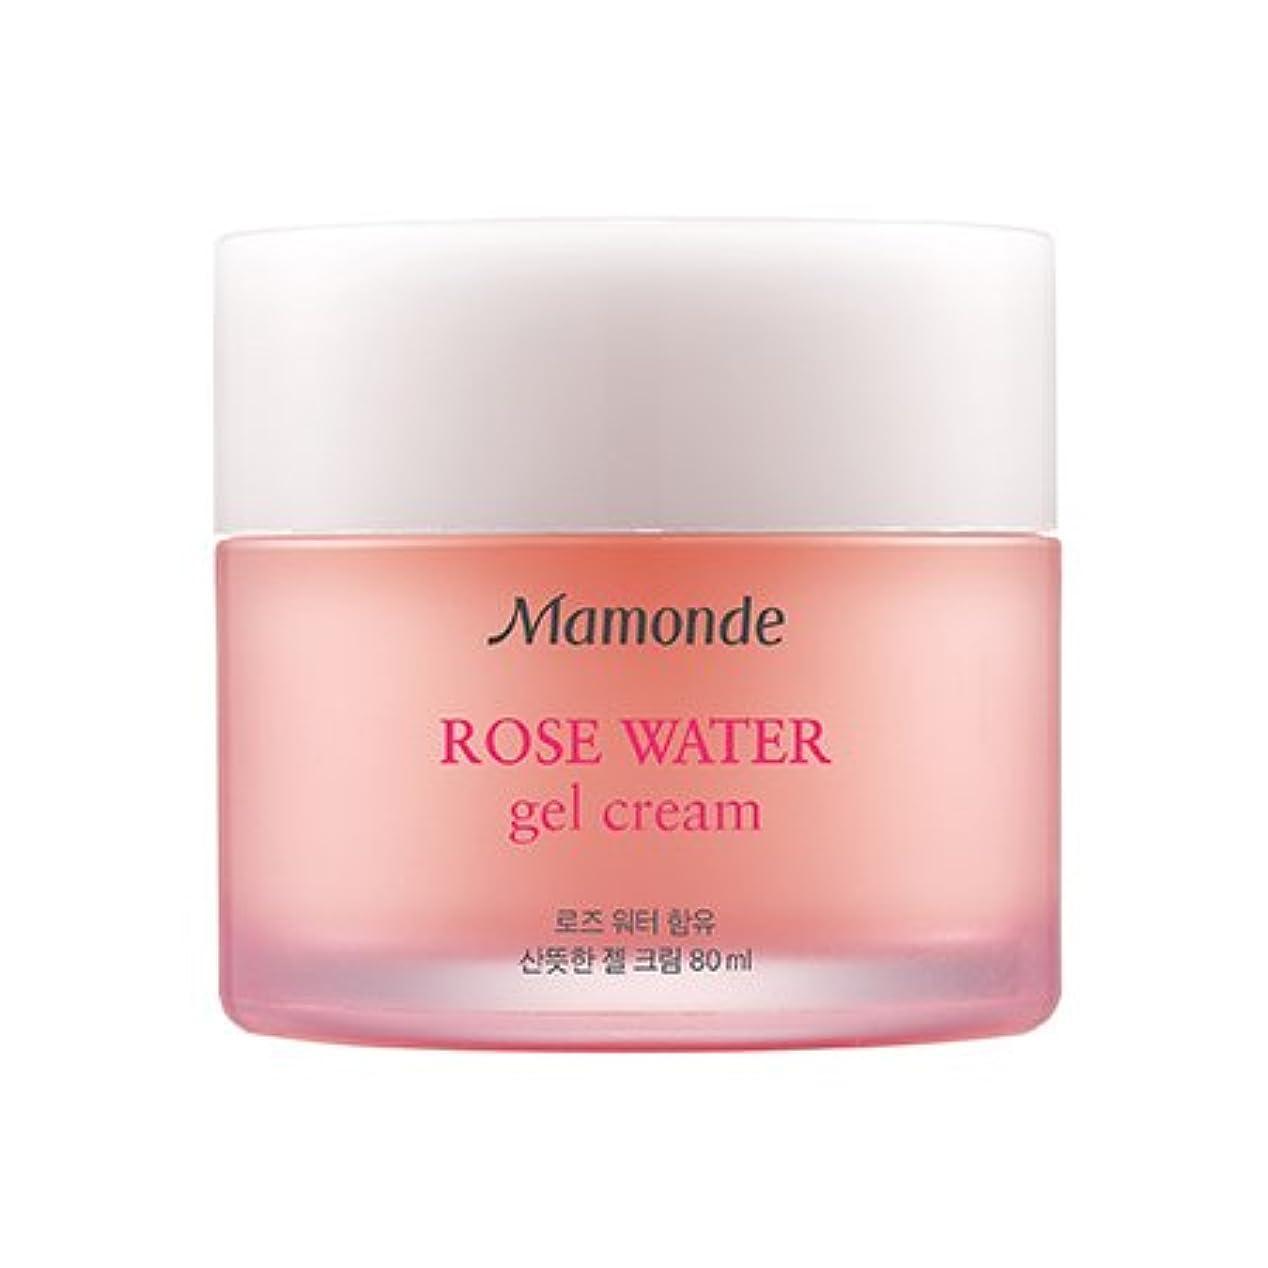 甘味間に合わせ無視できるMamonde Rose Water Gel Cream 80ml/マモンド ローズ ウォーター ジェル クリーム 80ml [並行輸入品]